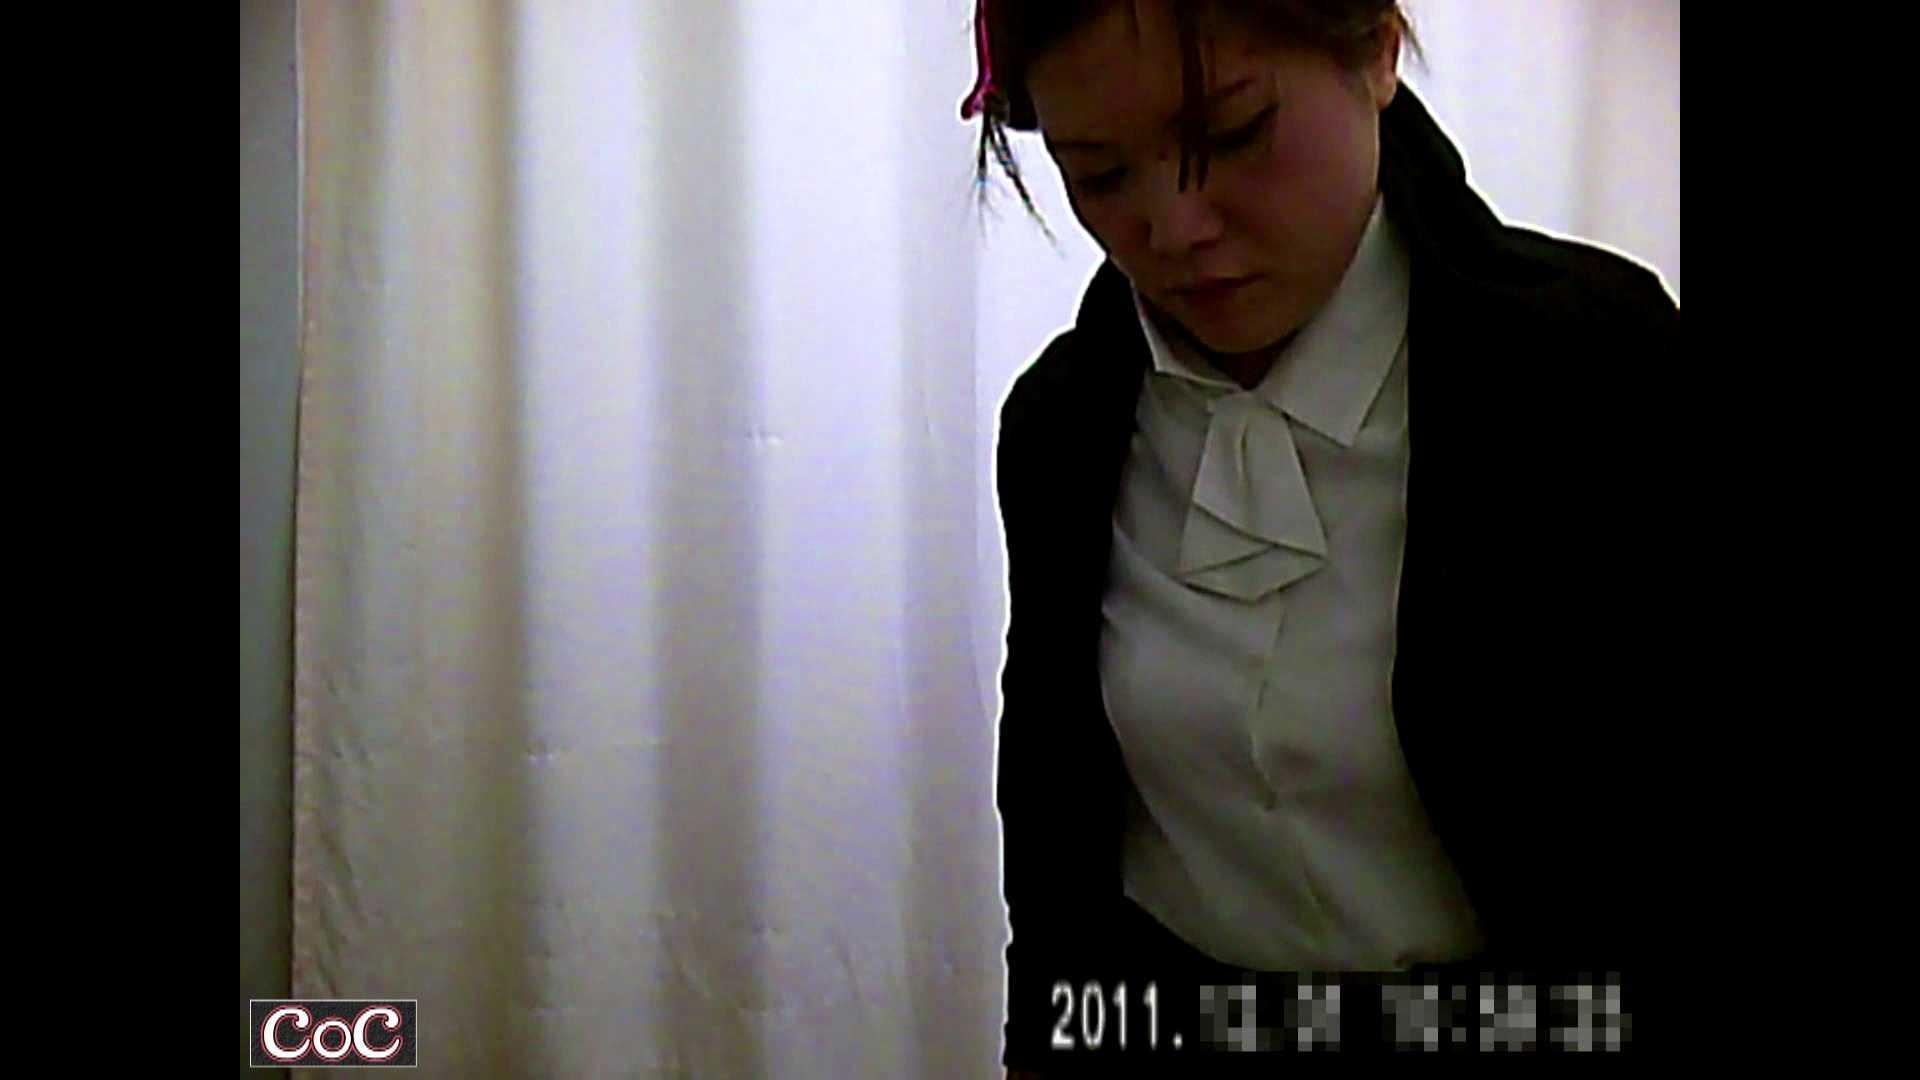 元医者による反抗 更衣室地獄絵巻 vol.189 OL  88pic 54